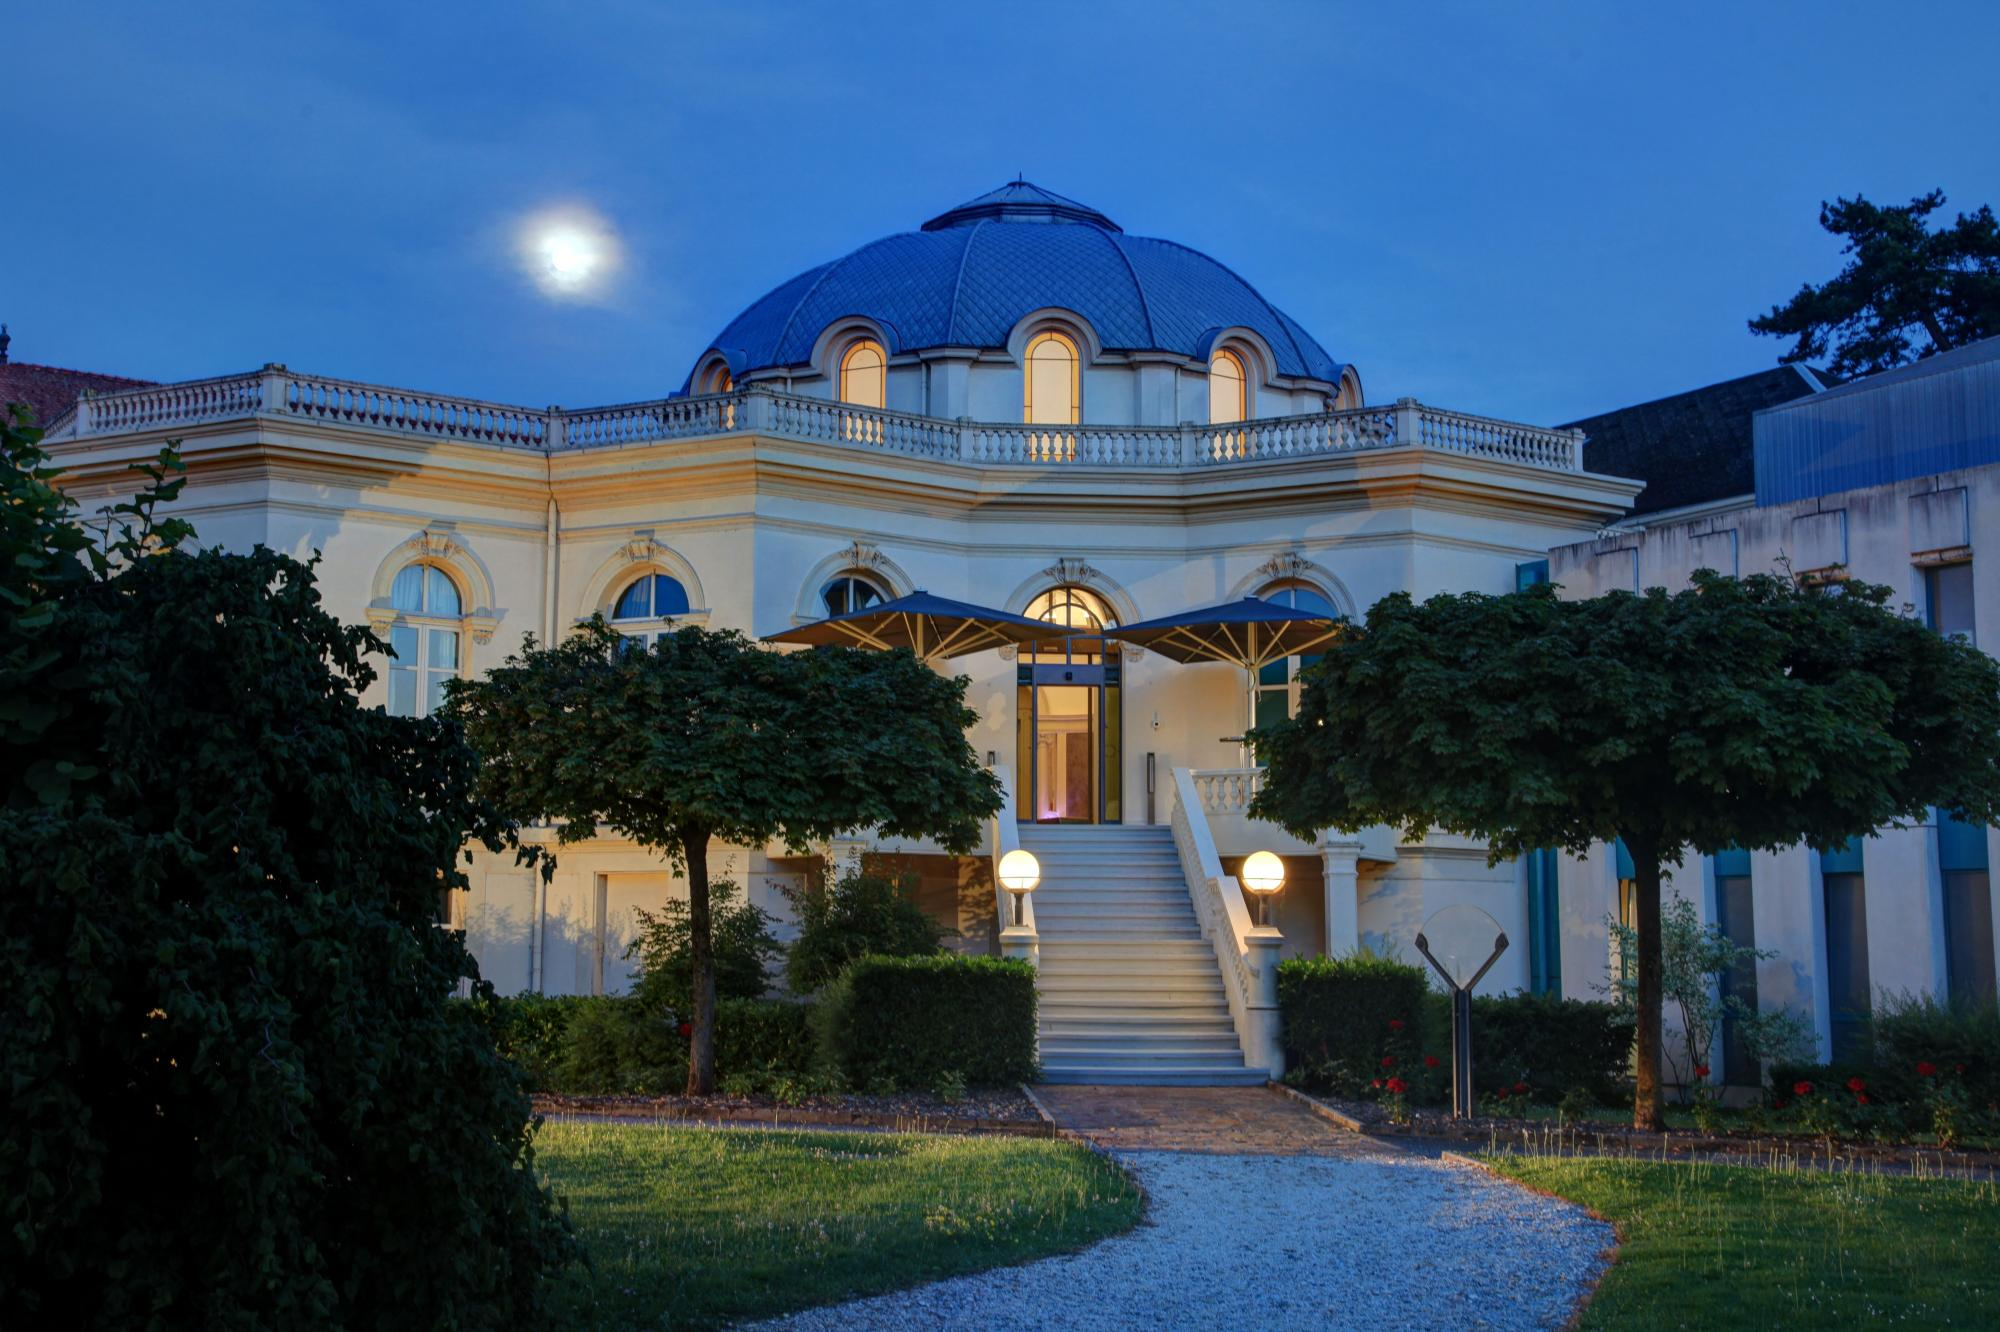 Grand Hotel Des Bain Of Grand Hotel Des Bains Yverdon Les Bains Region Jura Lac